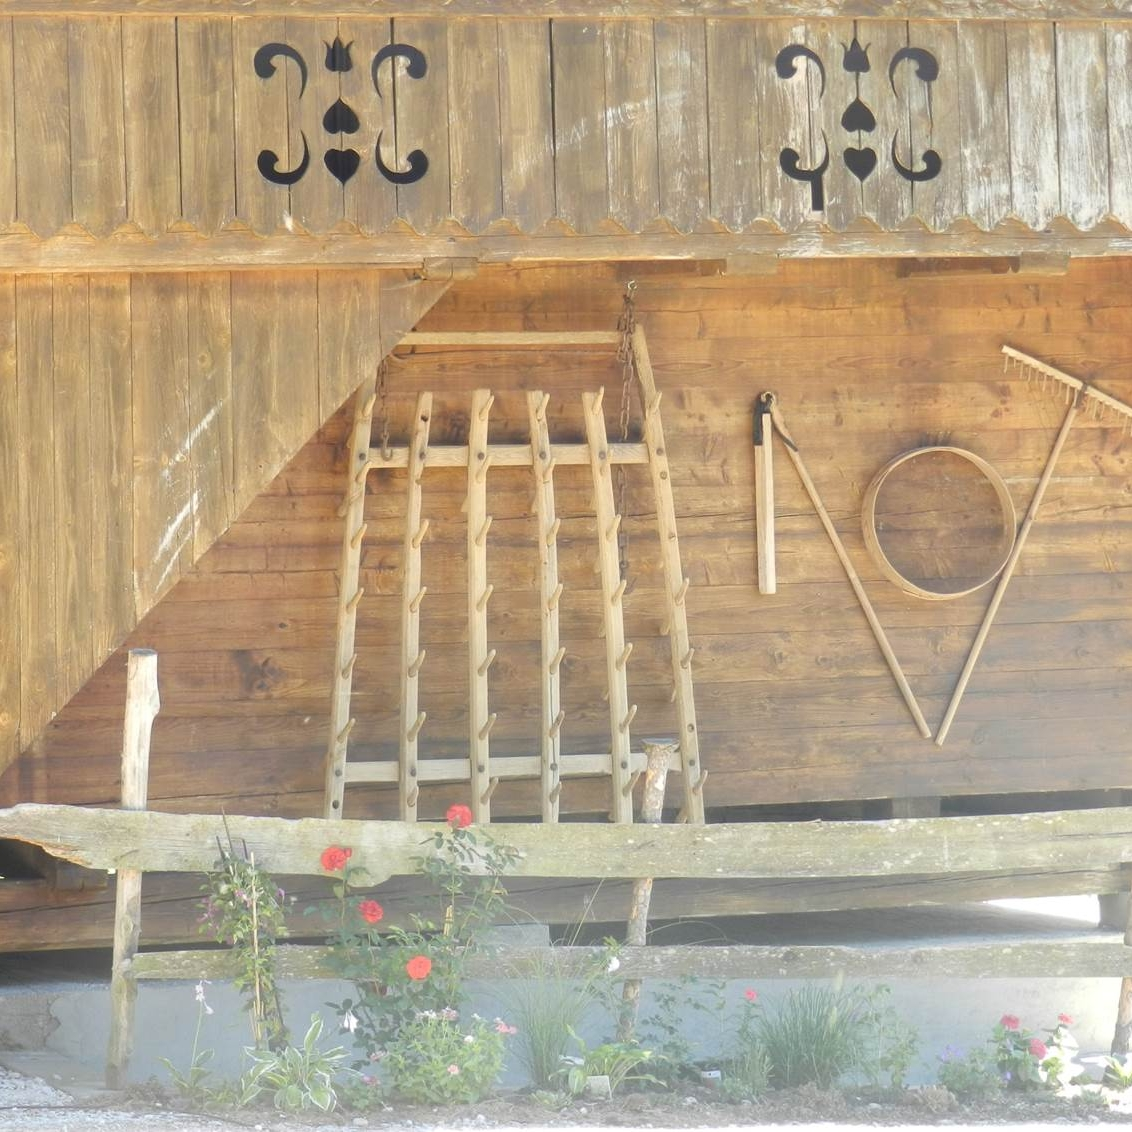 altes Gerät, dekorativ in Szene gesetzt von Viz